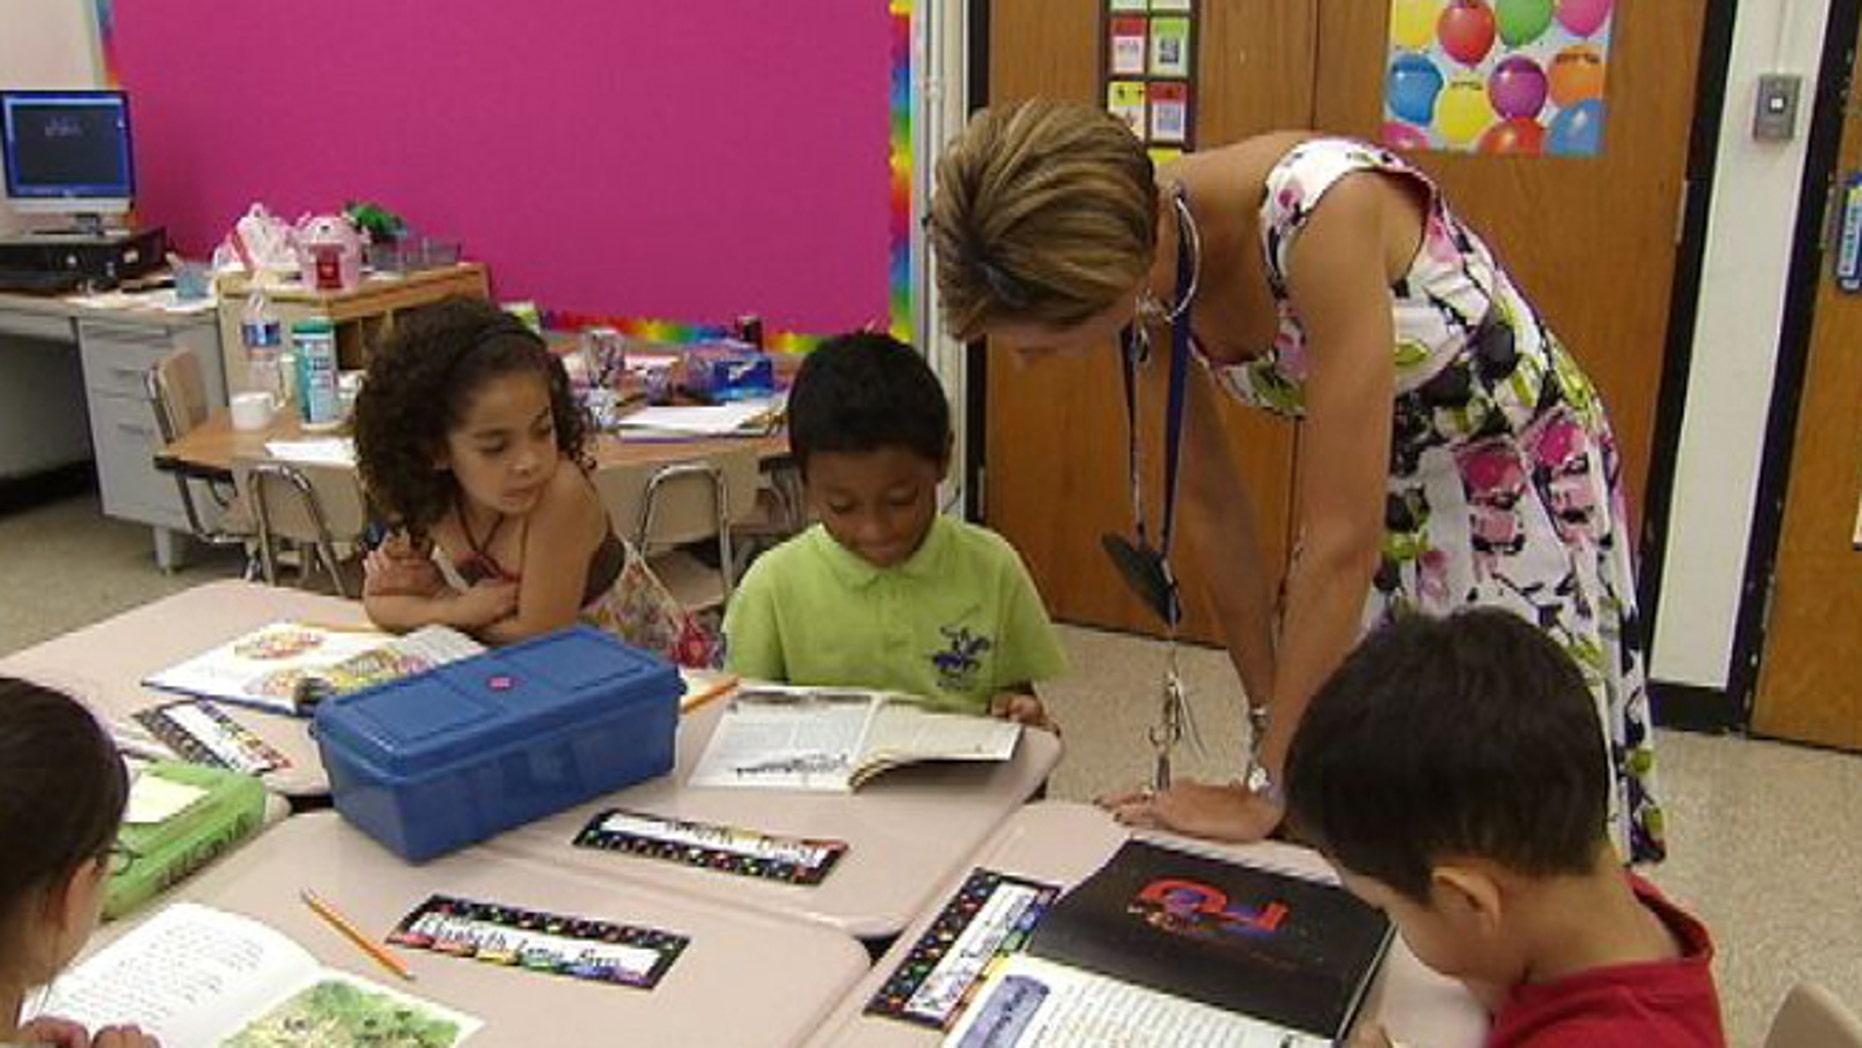 Students at Gaithersburg Elementary School in Gaithersburg, Md.